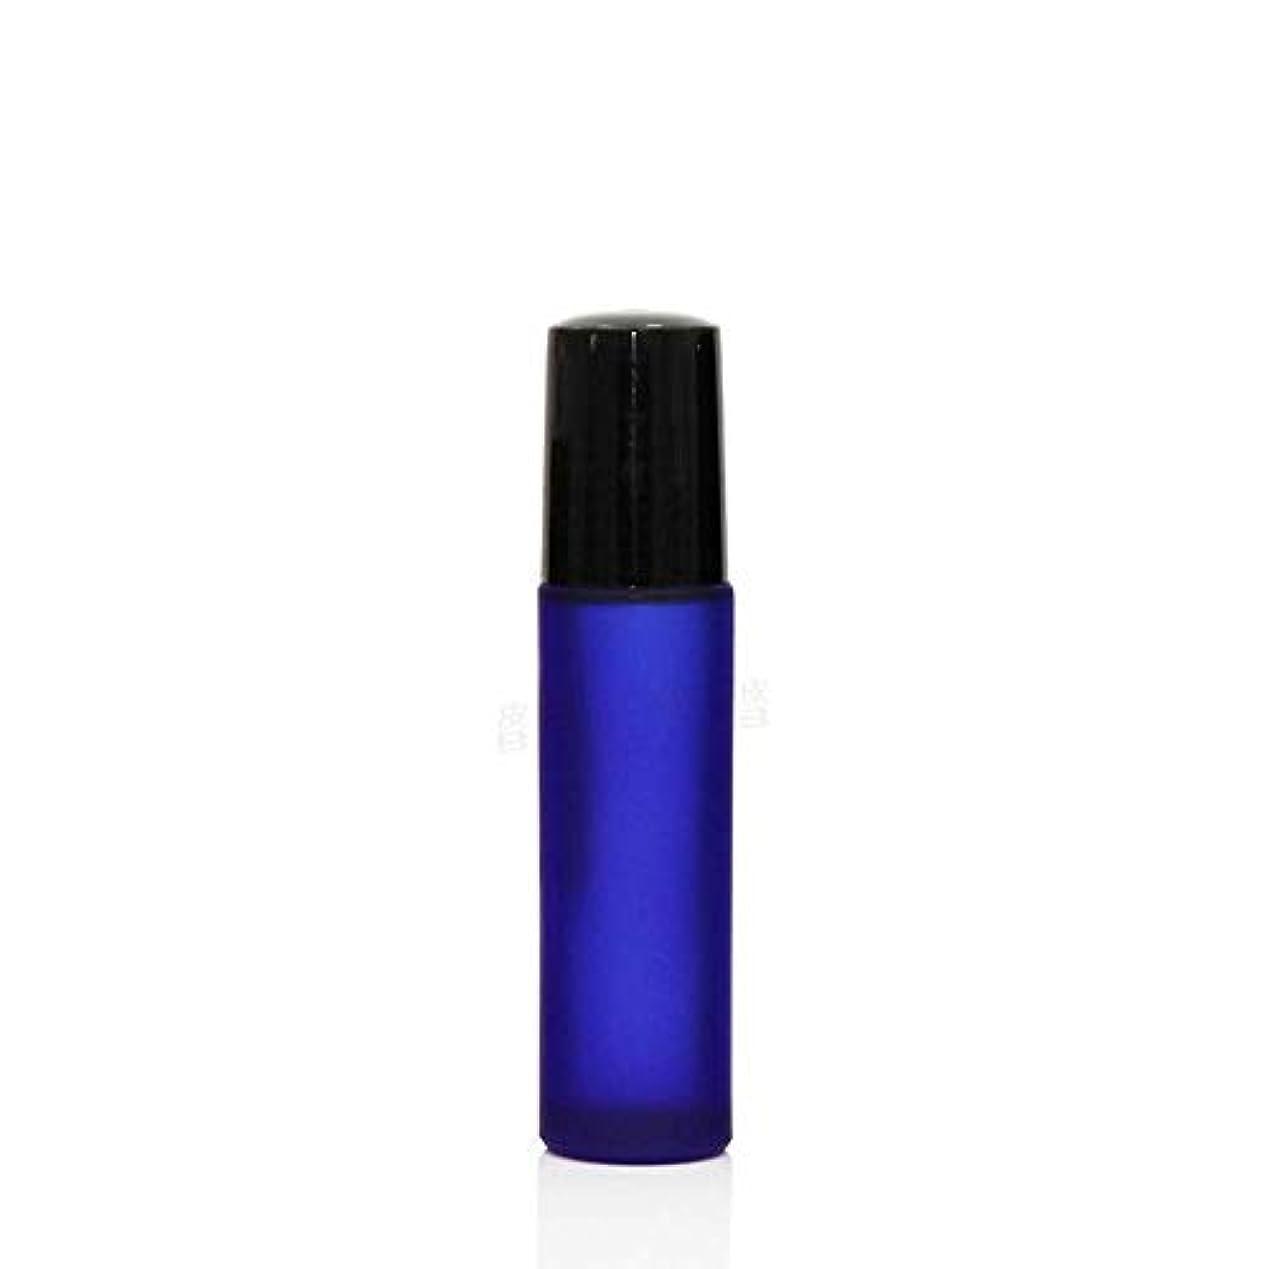 知覚できる運動エジプトSimg ロールオンボトル アロマオイル 精油 小分け用 遮光瓶 10ml 10本セット ガラスロールタイプ (ブルー)